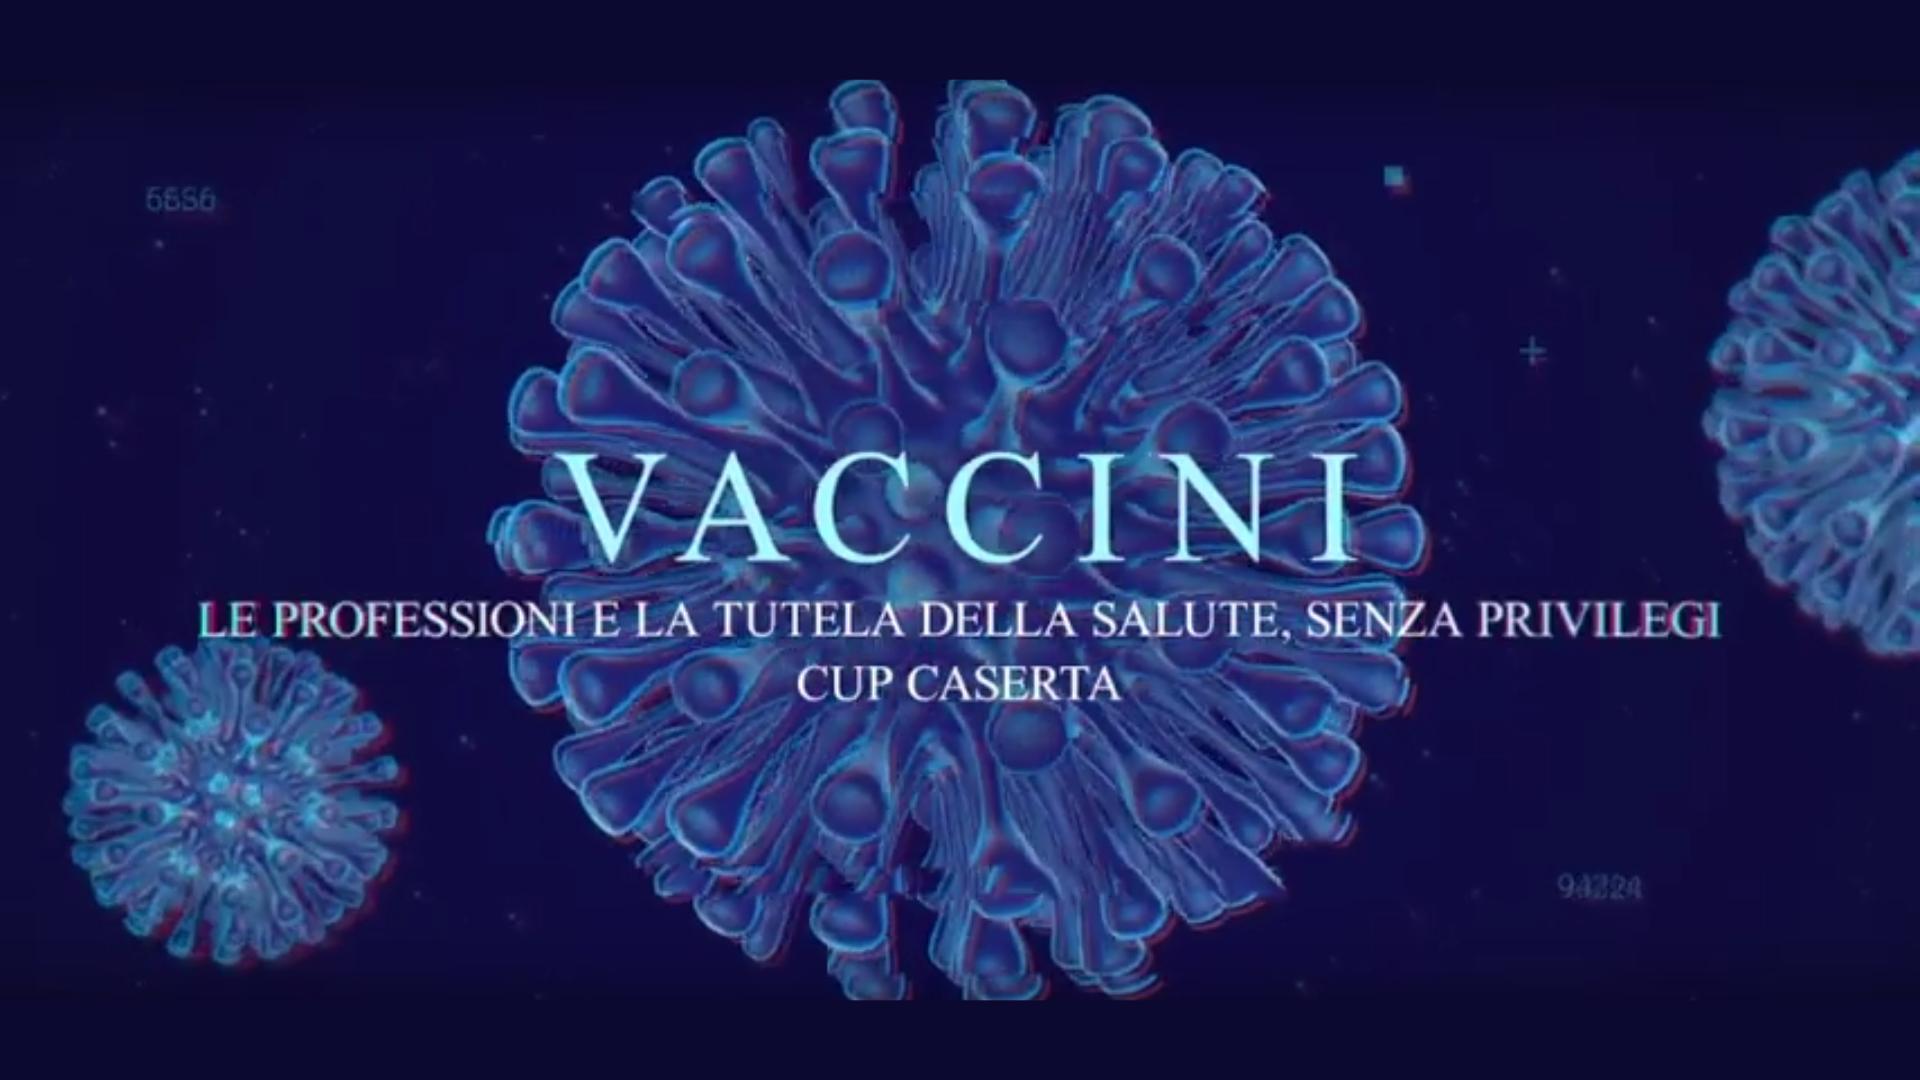 VACCINI – Le professioni e la tutela della salute, senza privilegi